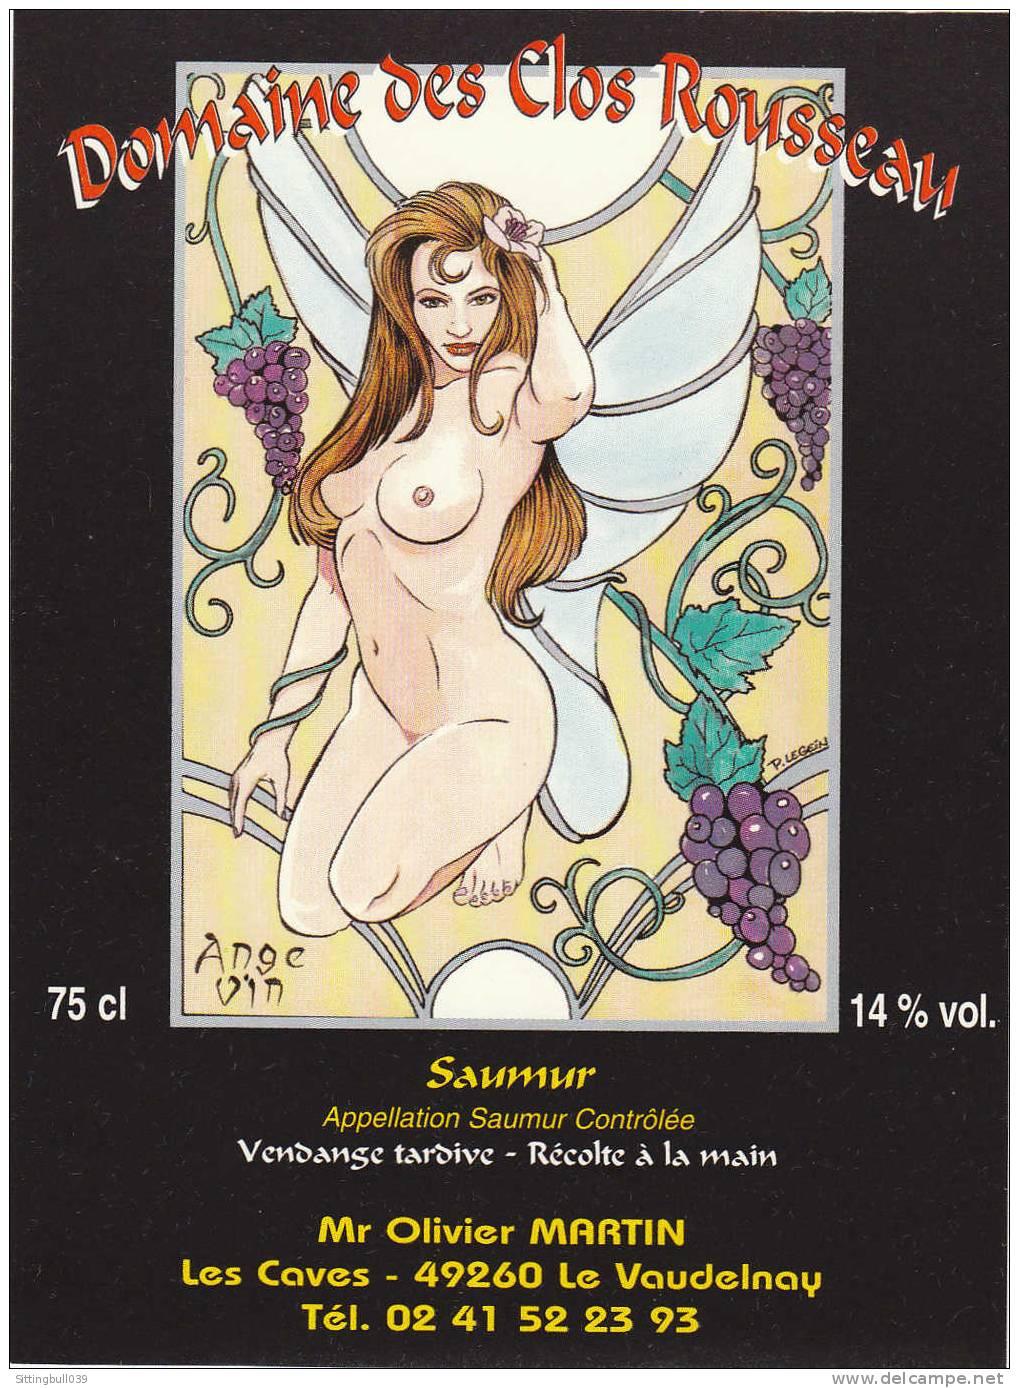 LEGEIN. Etiquette De Vin ANGE VIN. Domaine Des Clos Rousseau. Saumur, Pour ANGERS BD 2000. Epuisée ! - Objets Publicitaires